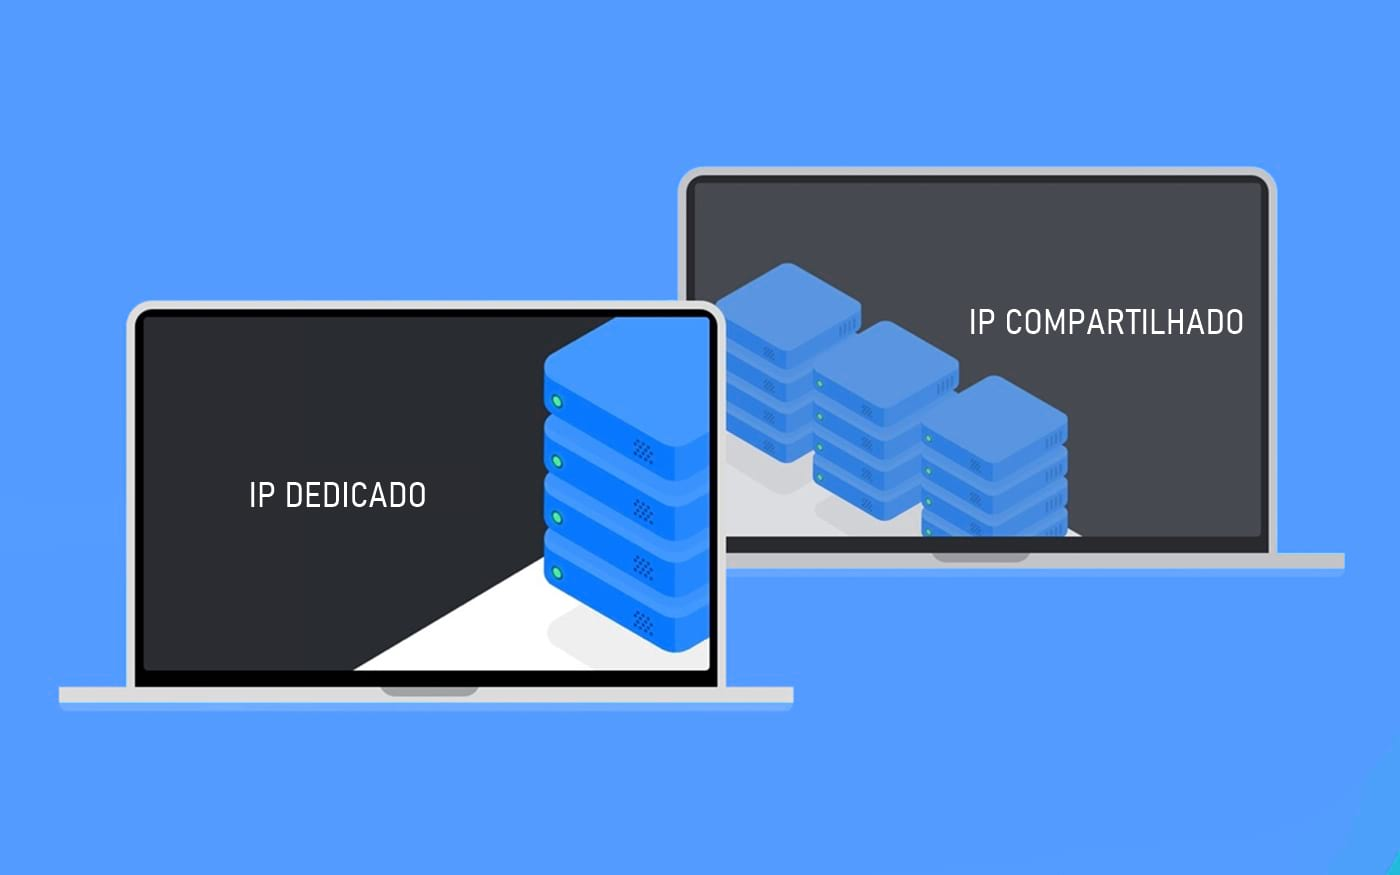 Qual a diferença do IP dedicado para o IP compartilhado?